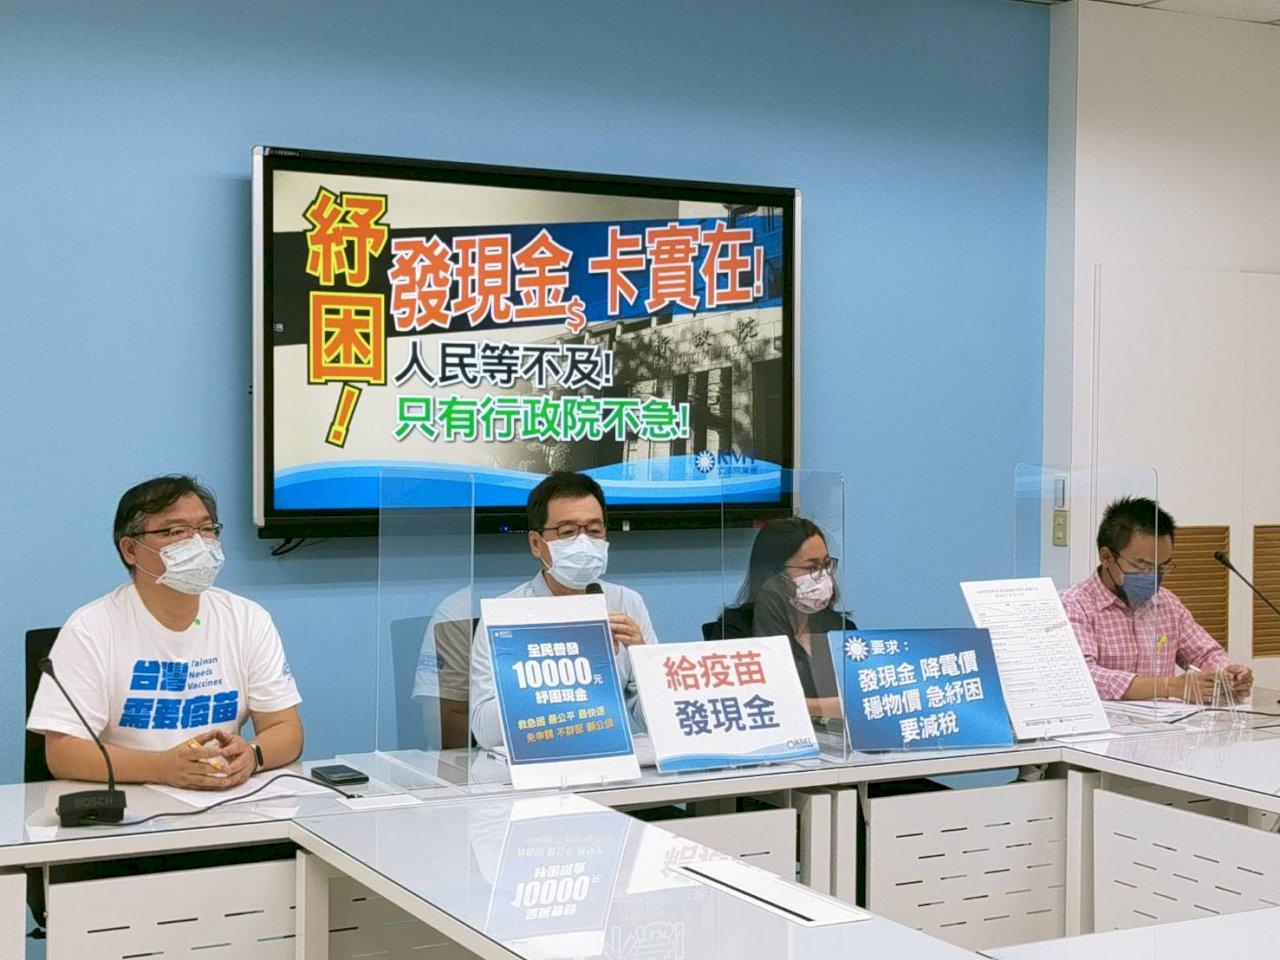 國民黨團再喊油電雙凍漲 要求6-9月取消夏季電價